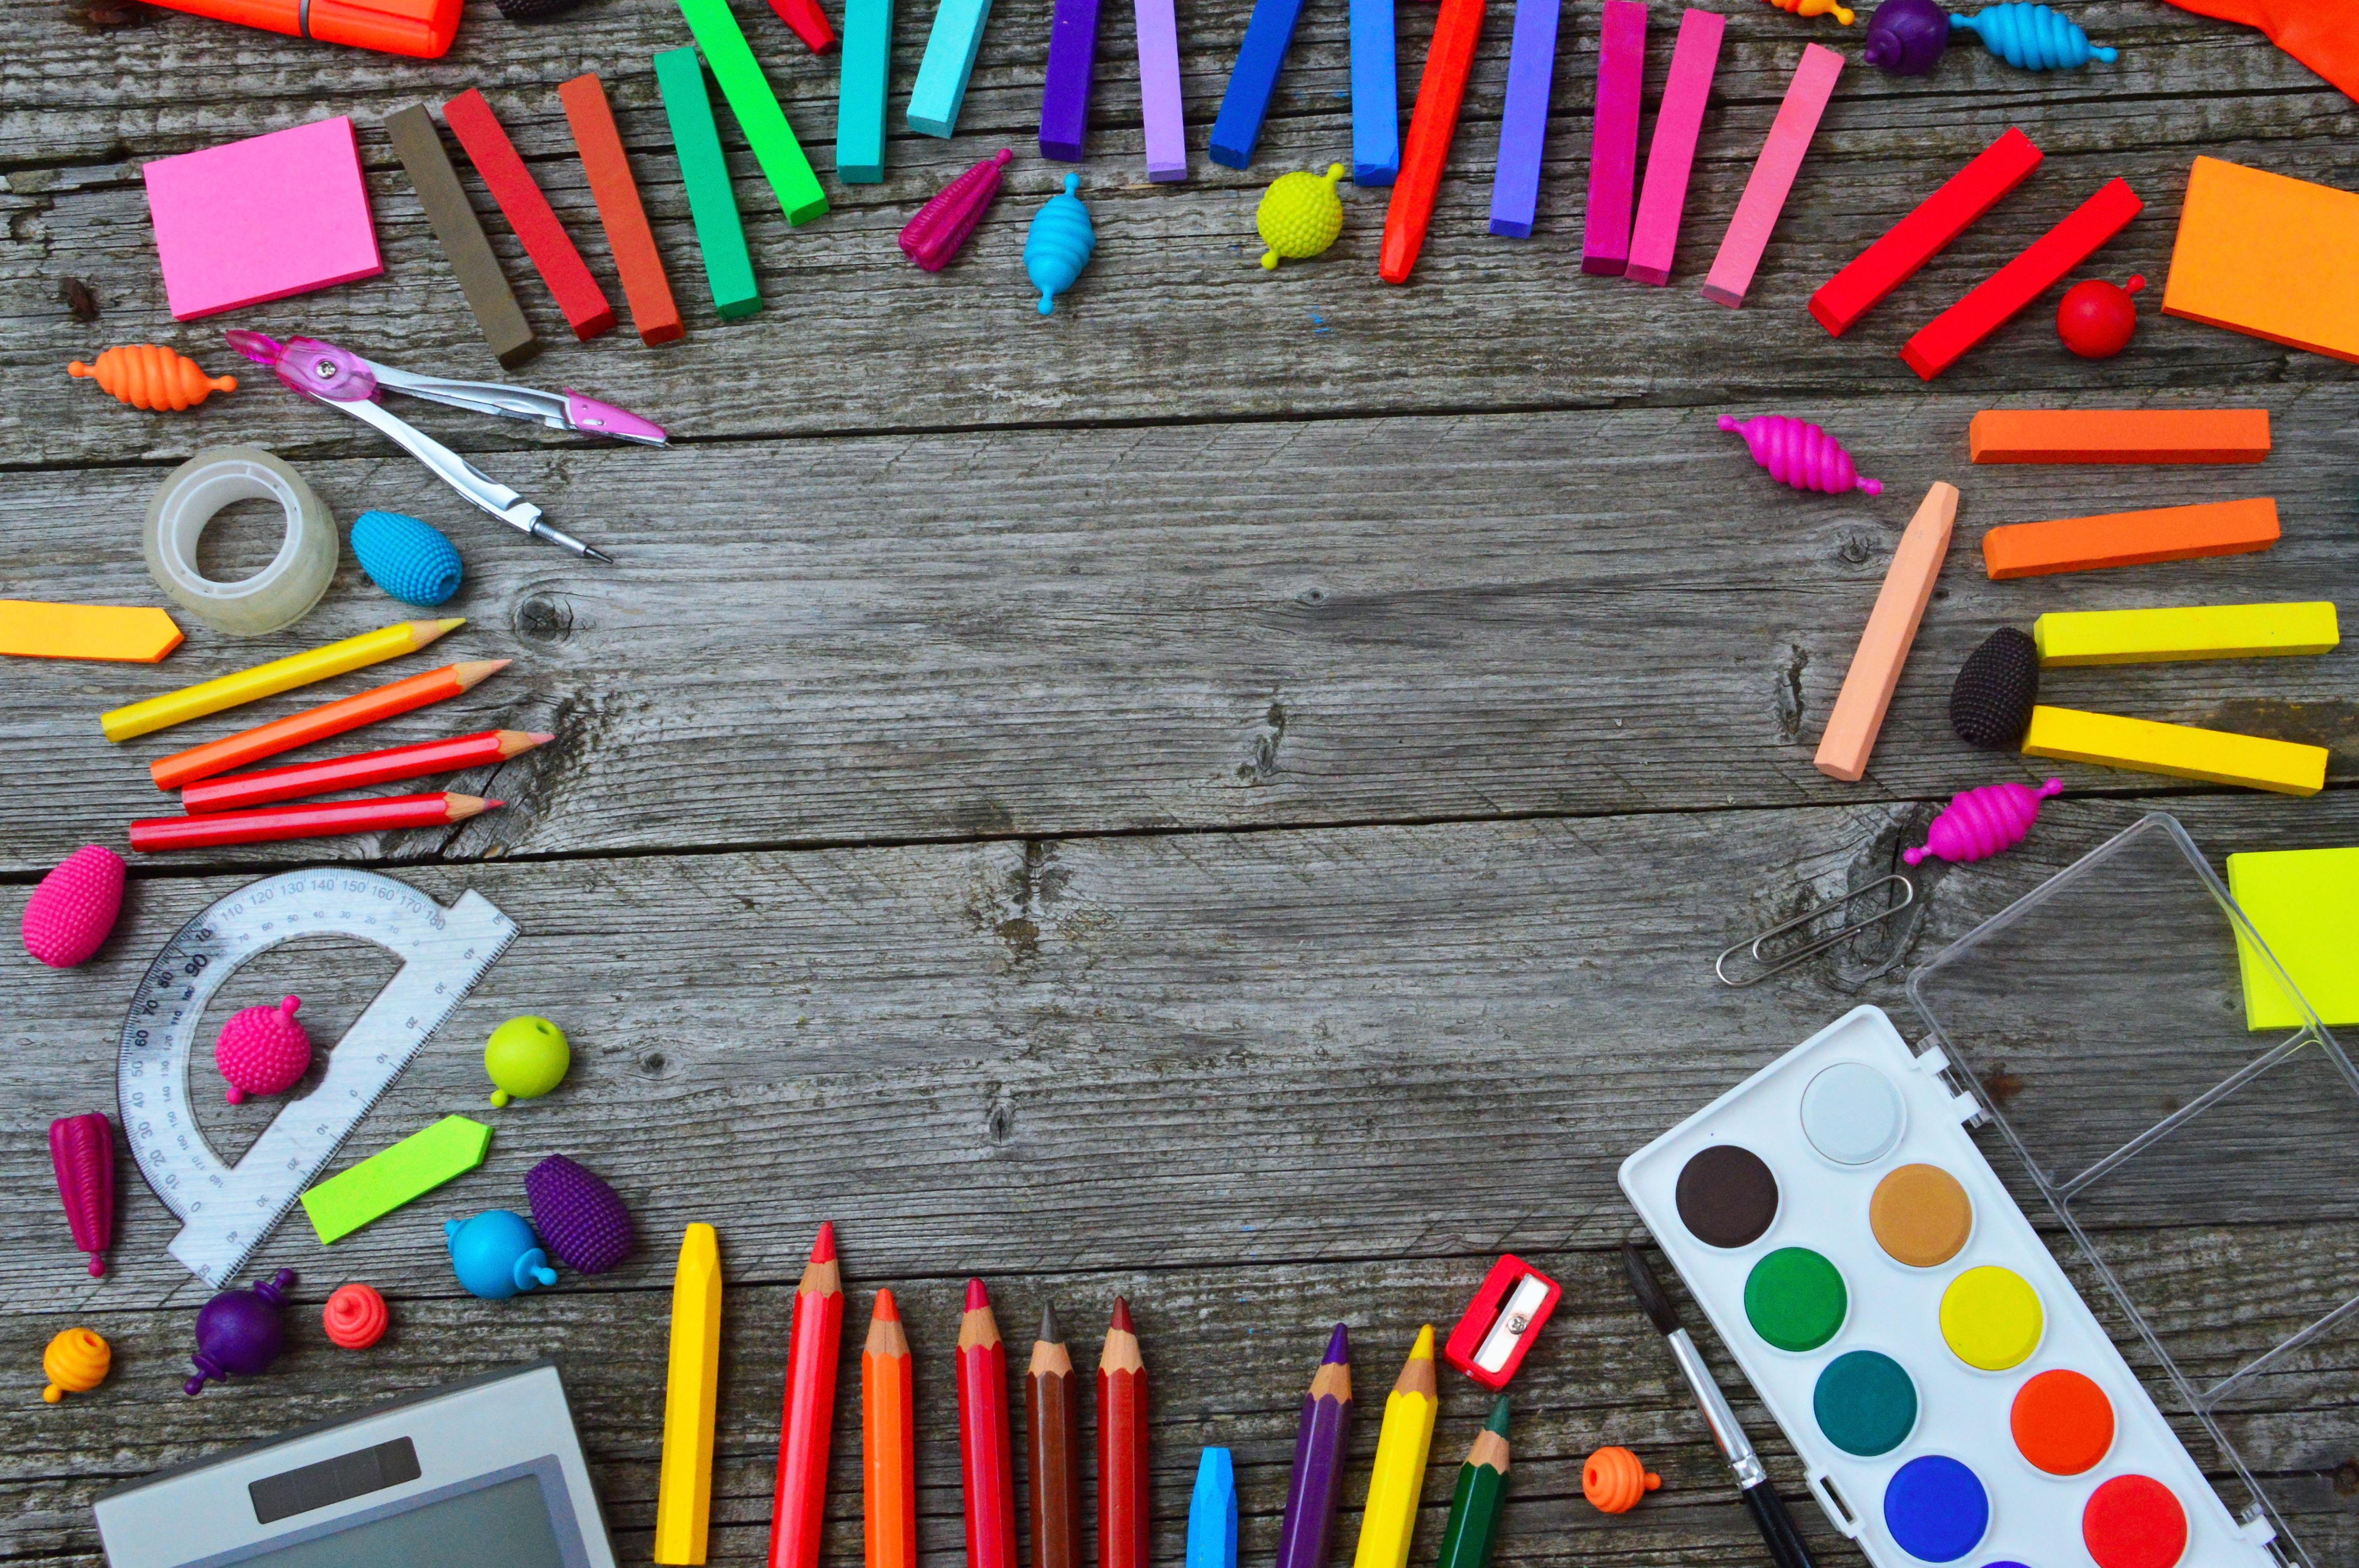 school-tools-3596680